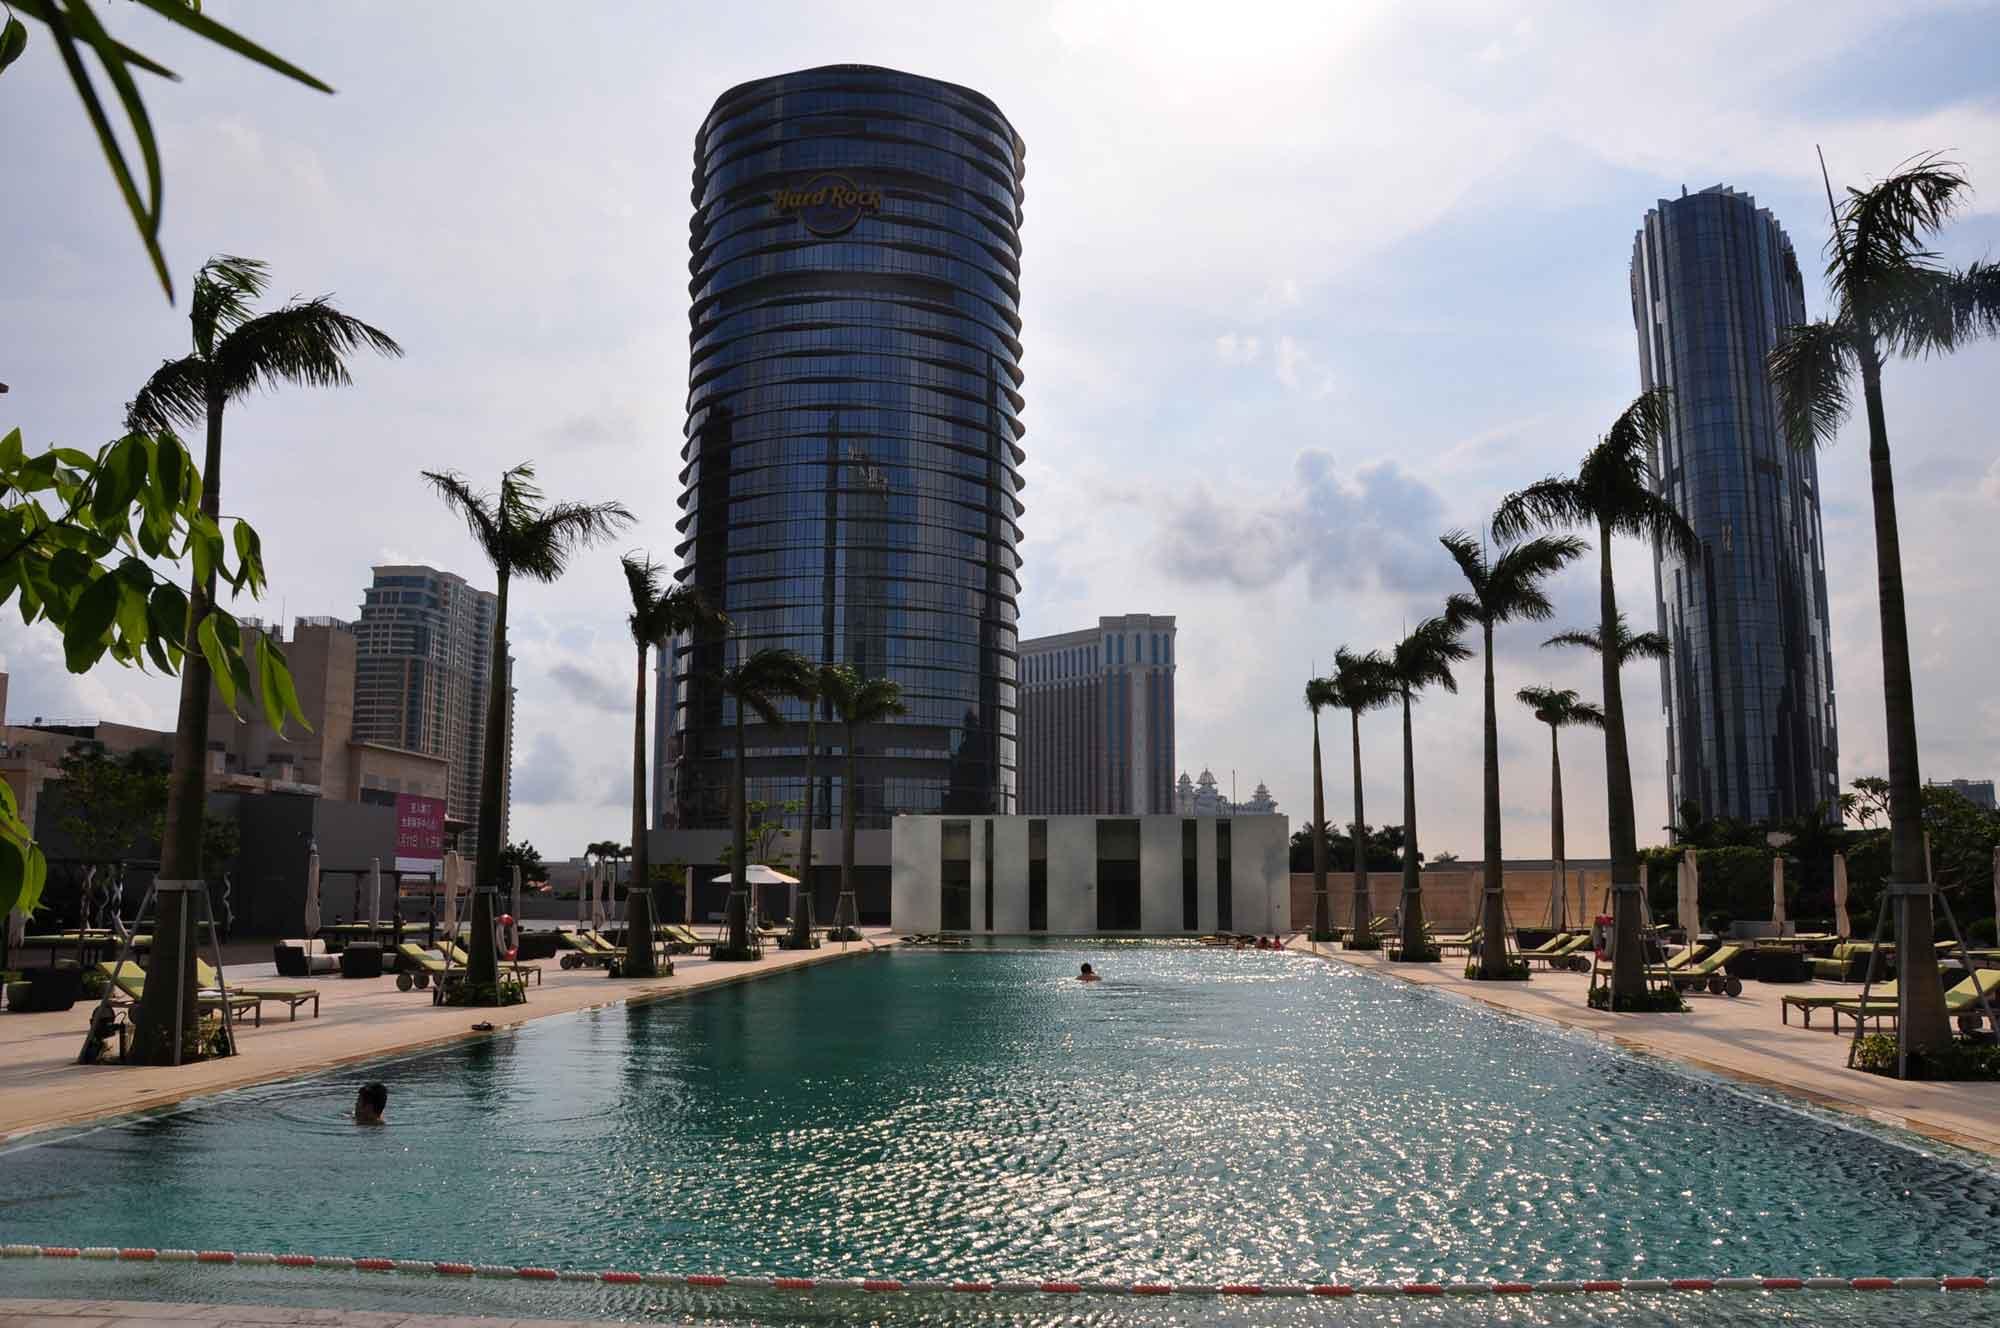 Grand Hyatt Hotel pool